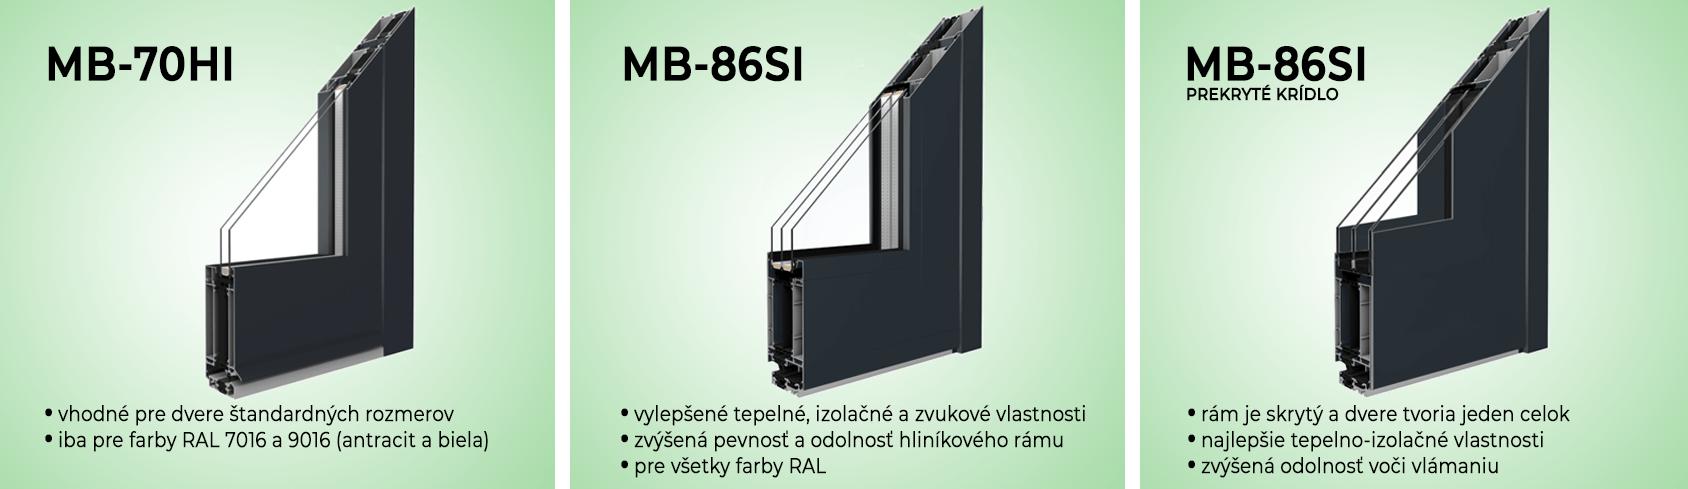 Hliníkový profil vchodových dverí s výplňou zo skla